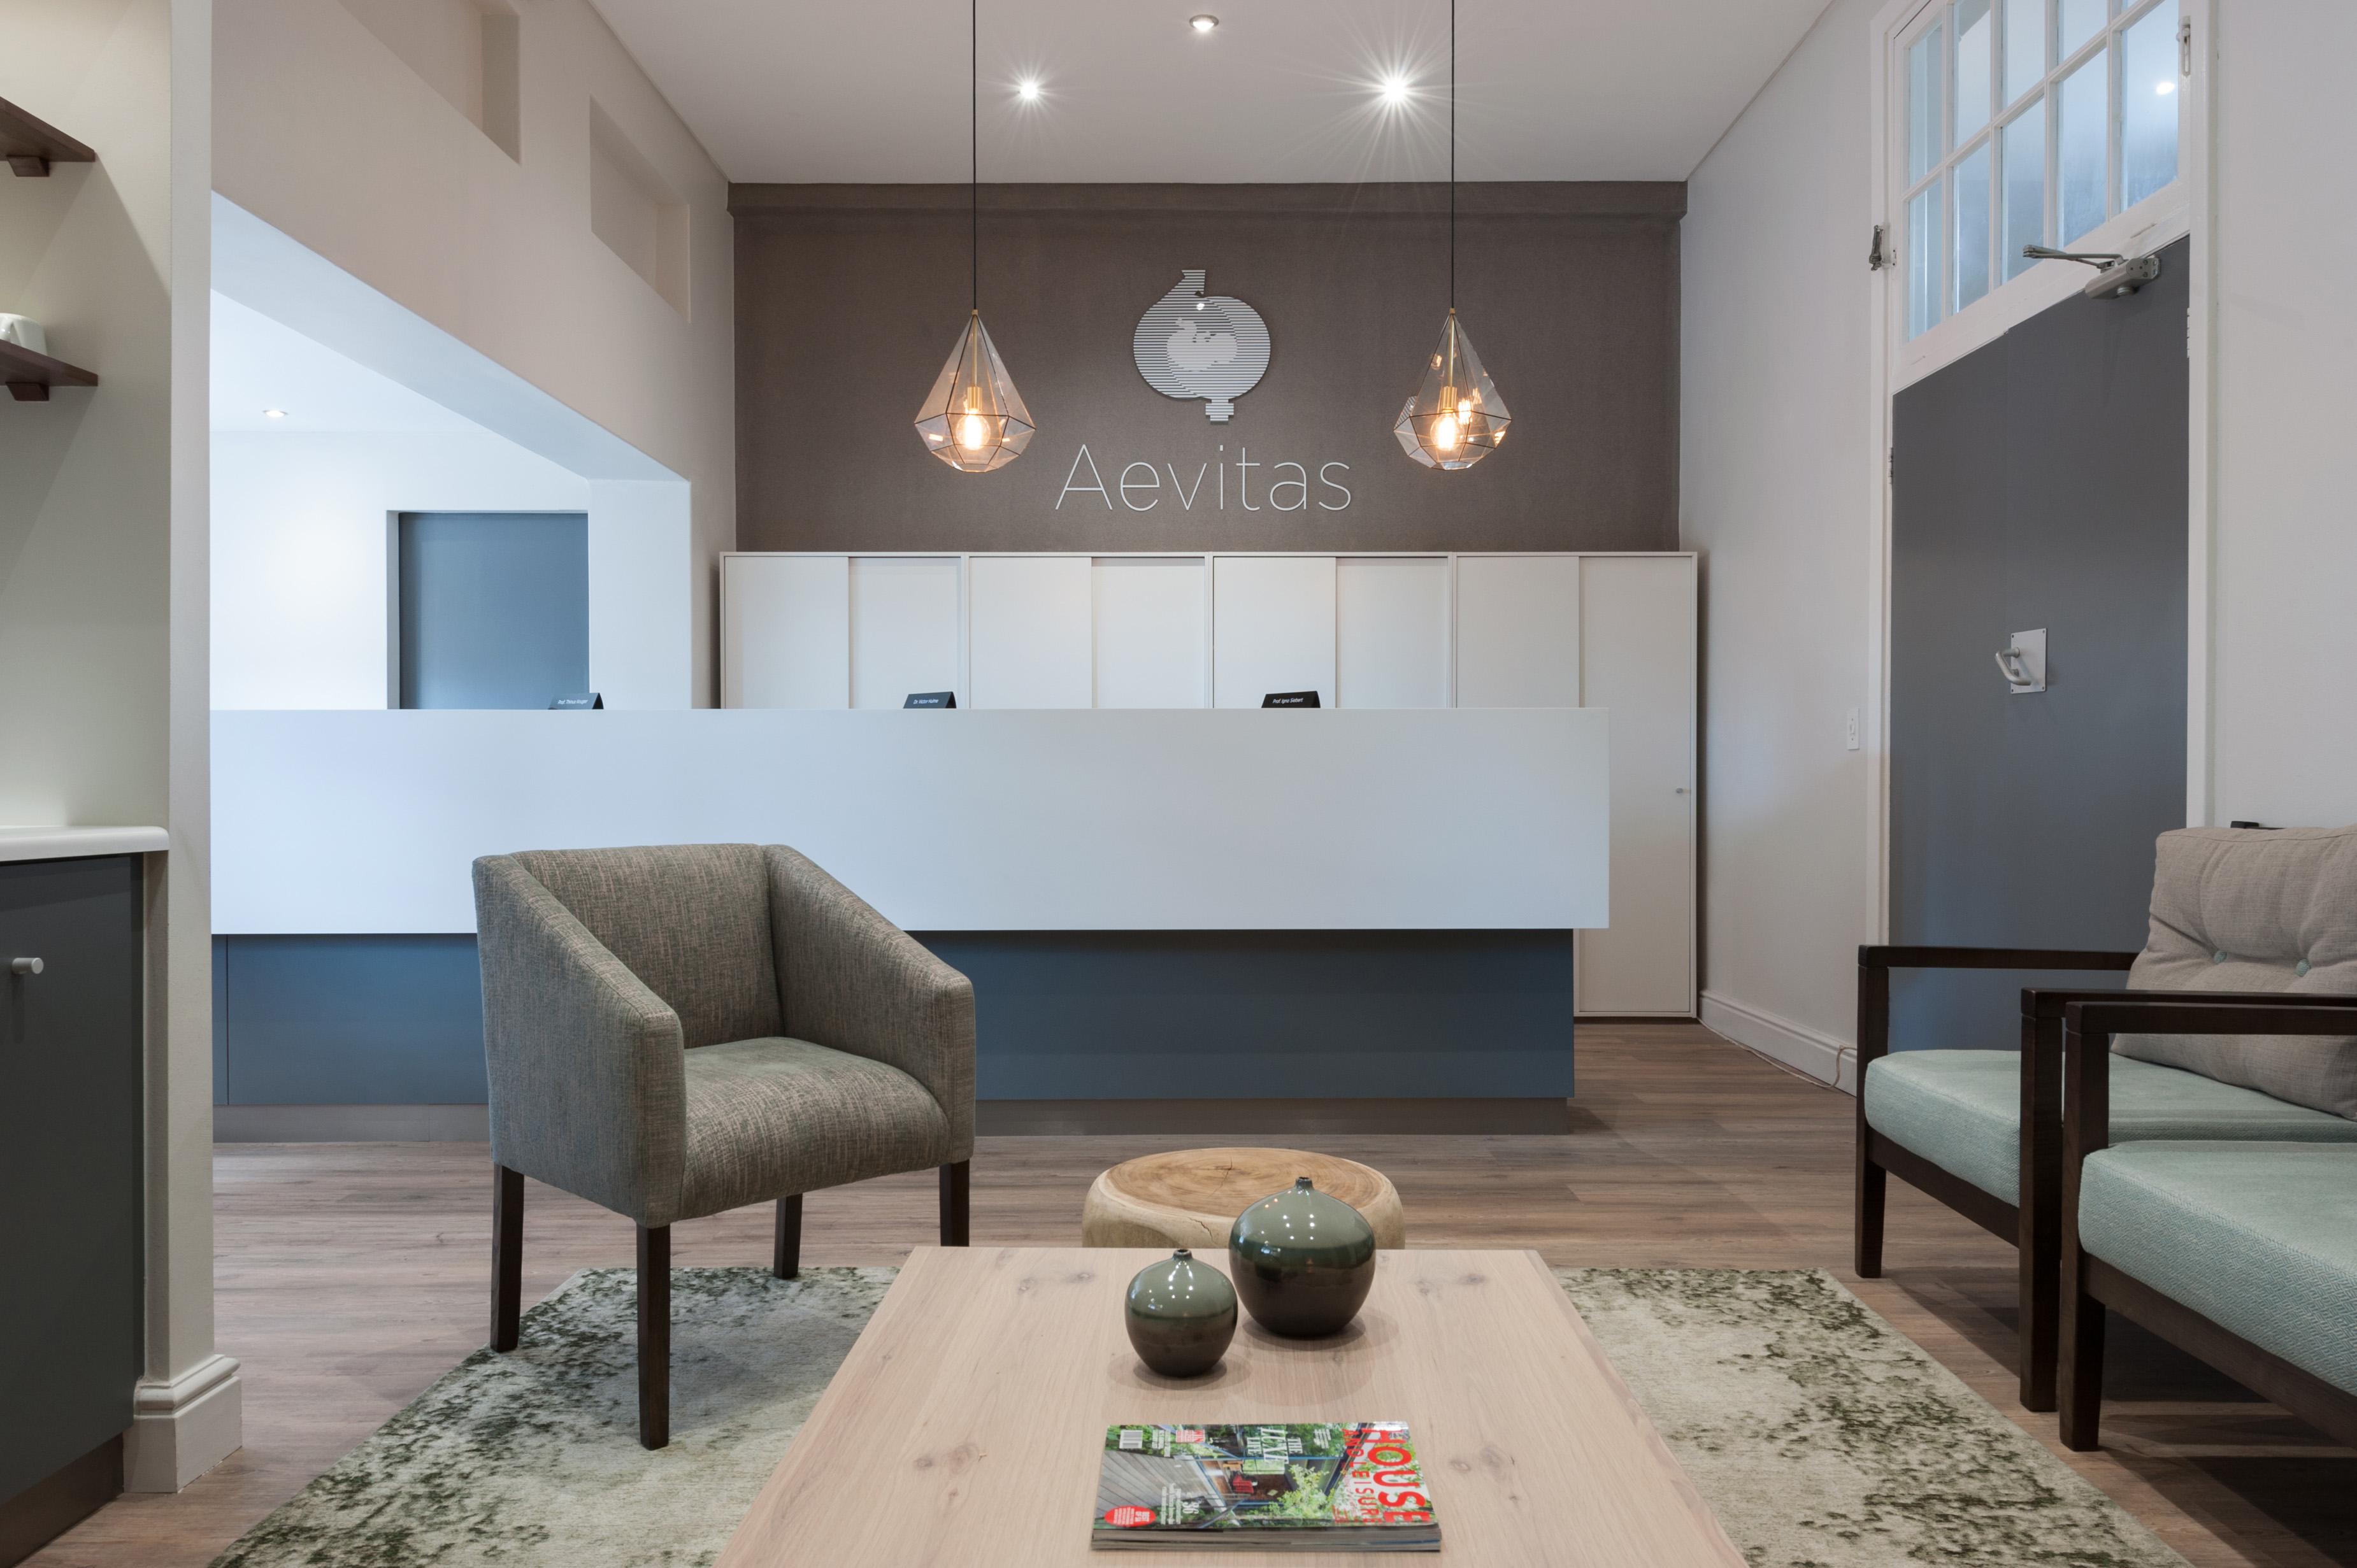 Rumour Has It Interior Design Cape Town South Africa